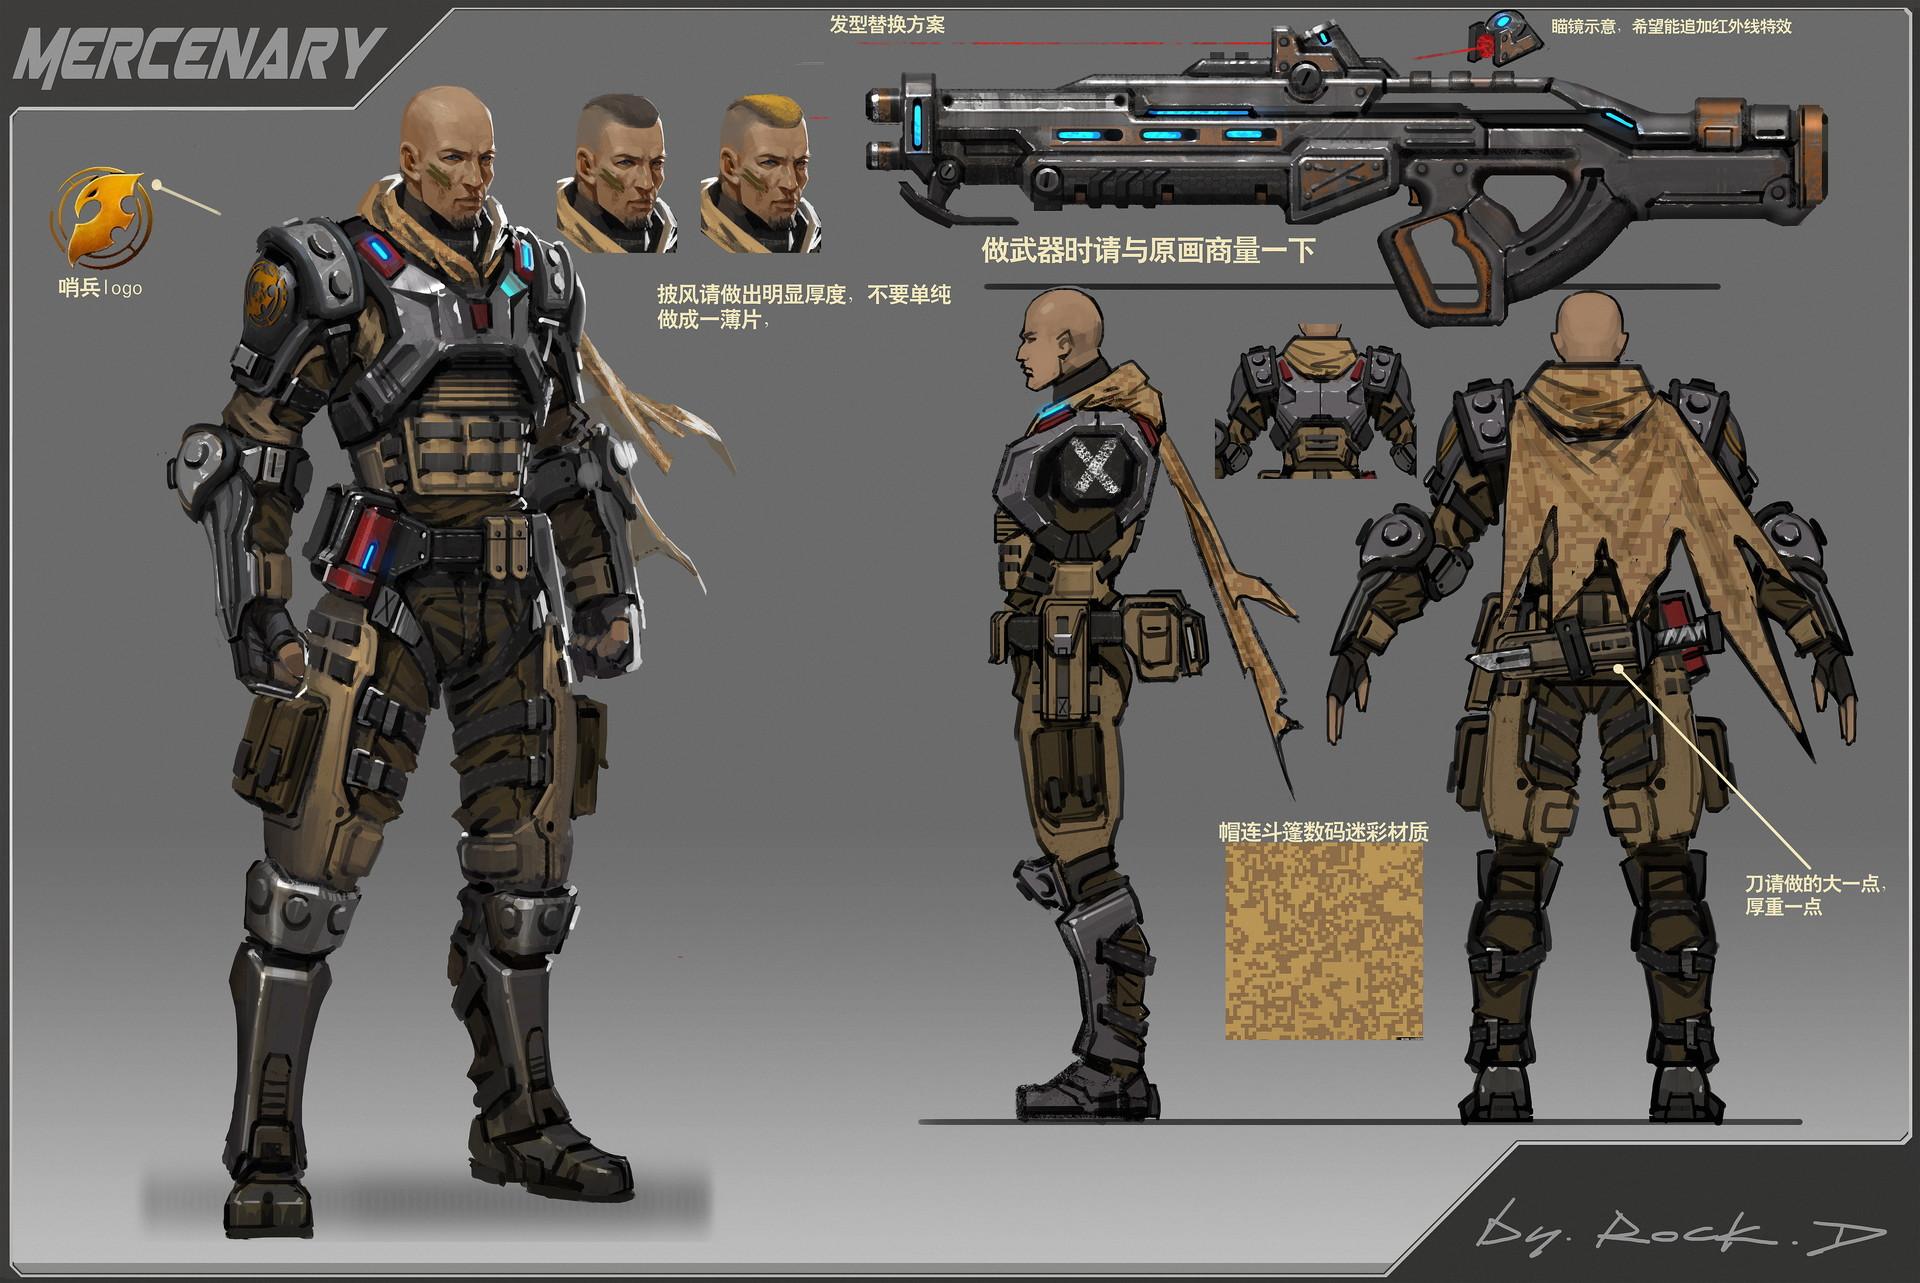 Rock d mercenary concept